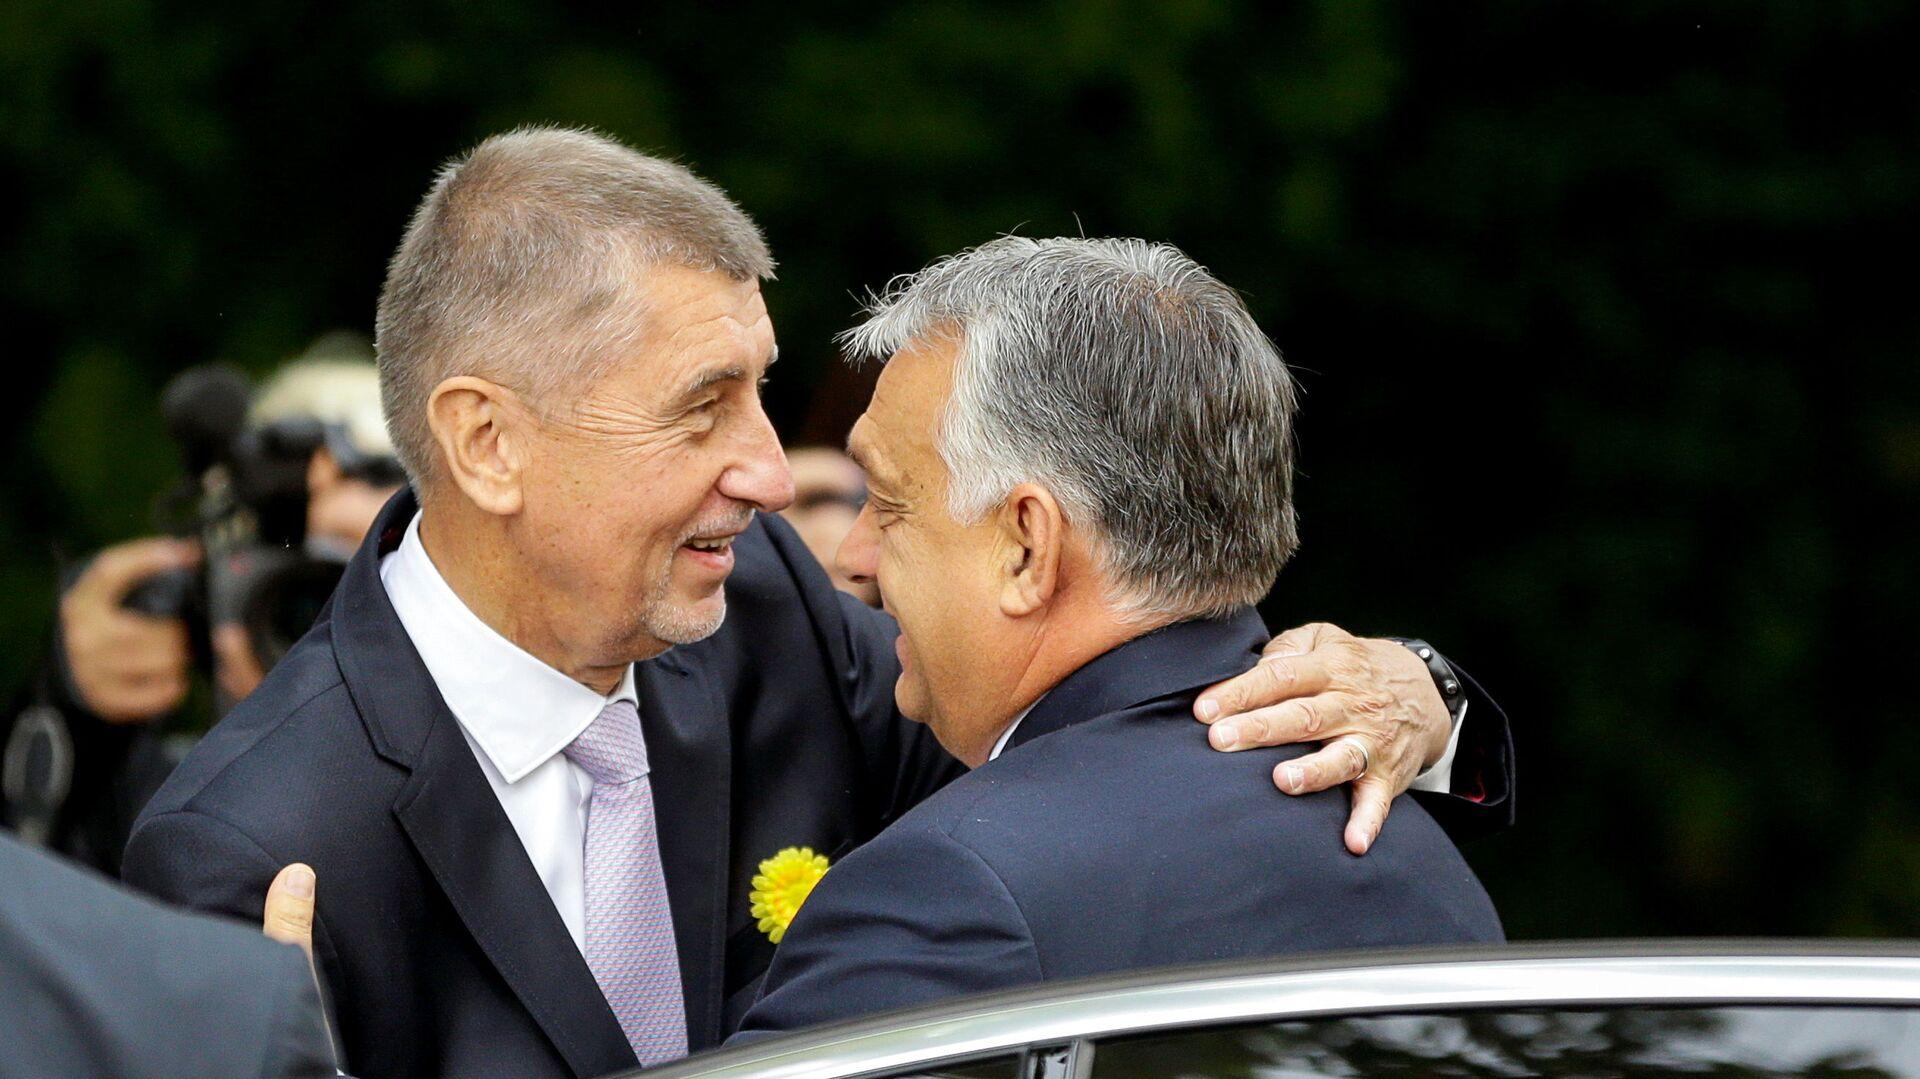 Návštěva maďarského premiéra Viktora Orbána českého premiéra Andreje Babiše v Praze - Sputnik Česká republika, 1920, 30.09.2021